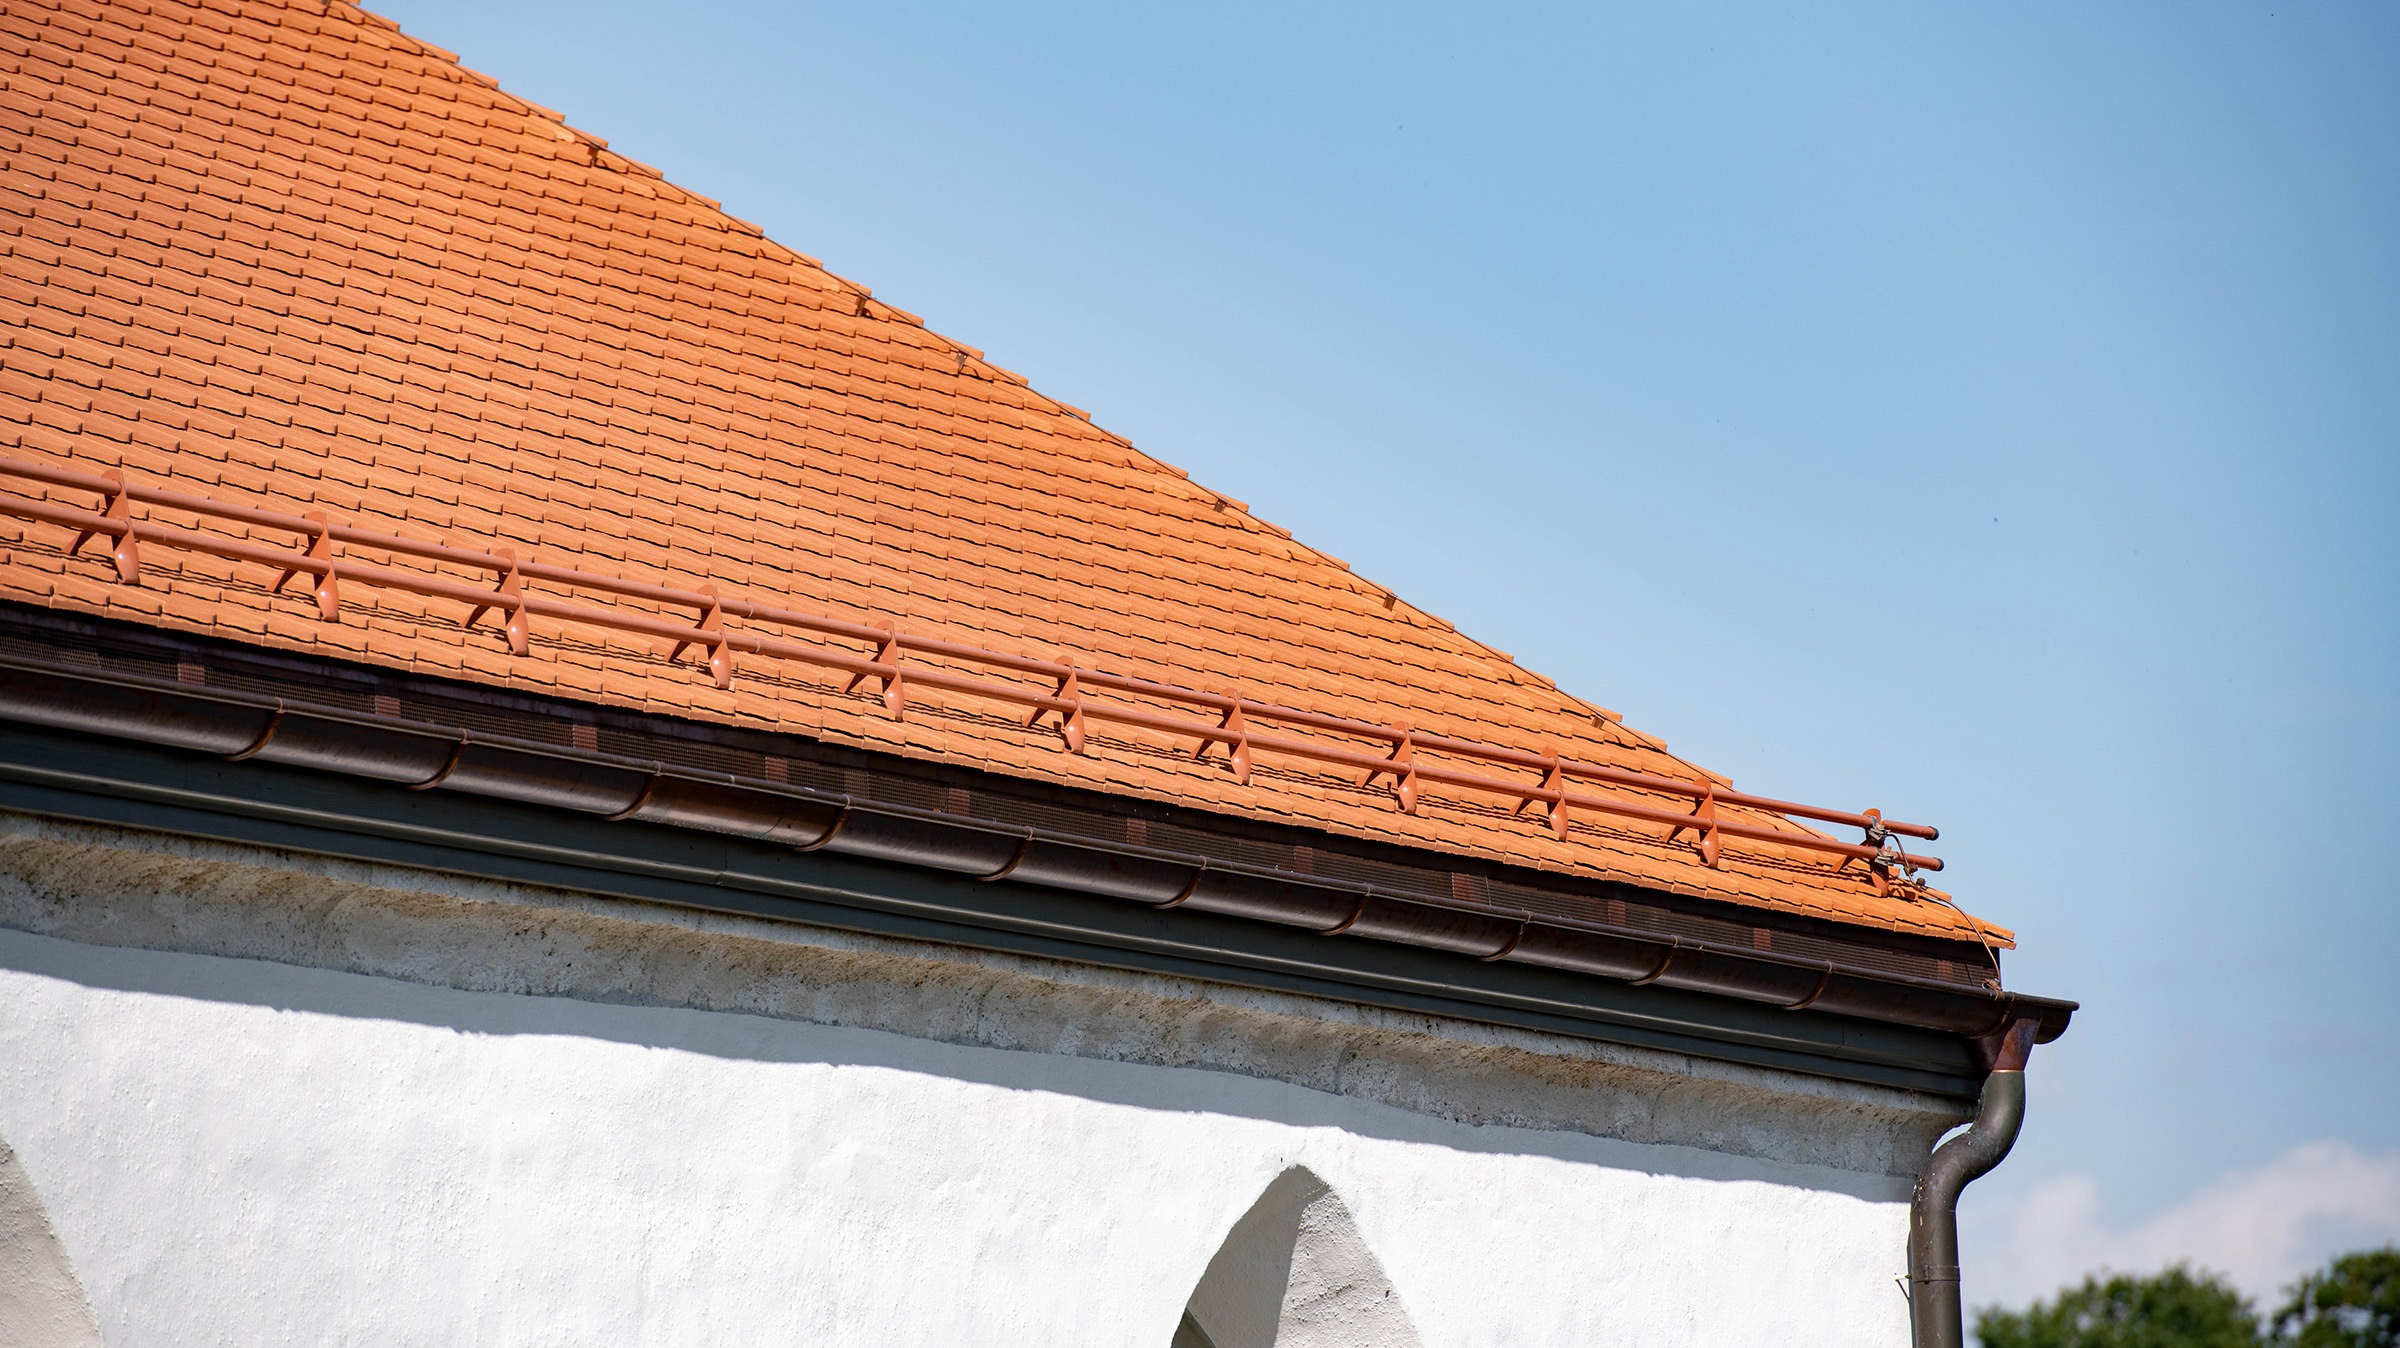 Foto der Kirche Oberwil, die mit 24'400 Stück Biberschwanzziegel Berner Biber, spitz, naturrot von Gasser Ceramic eingedeckt ist.